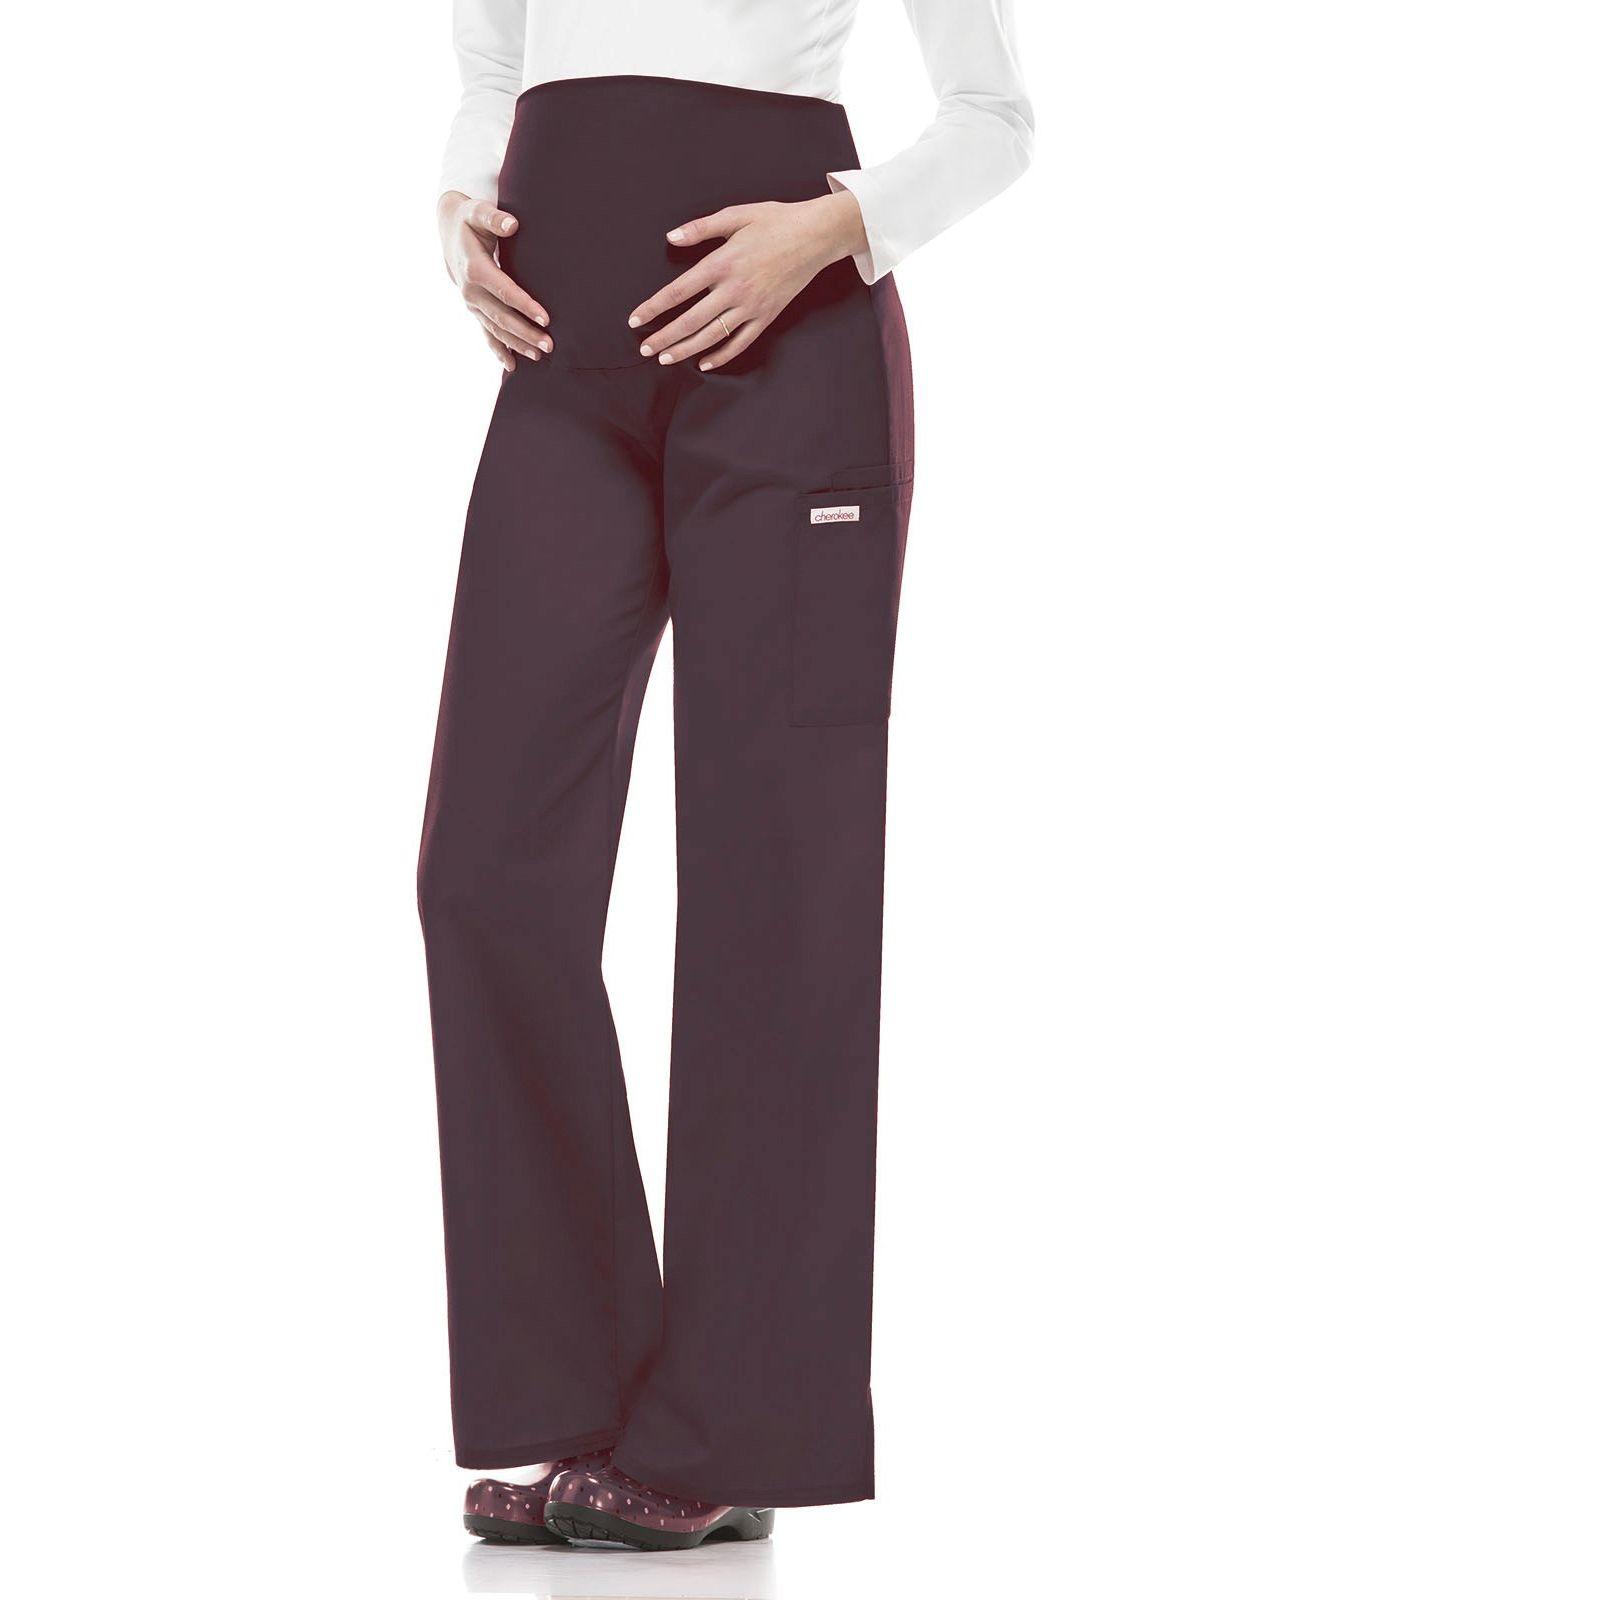 Pantalon médical Femme enceinte à élastique Cherokee (2092), couleur gris anthracite vue produit sur modèle